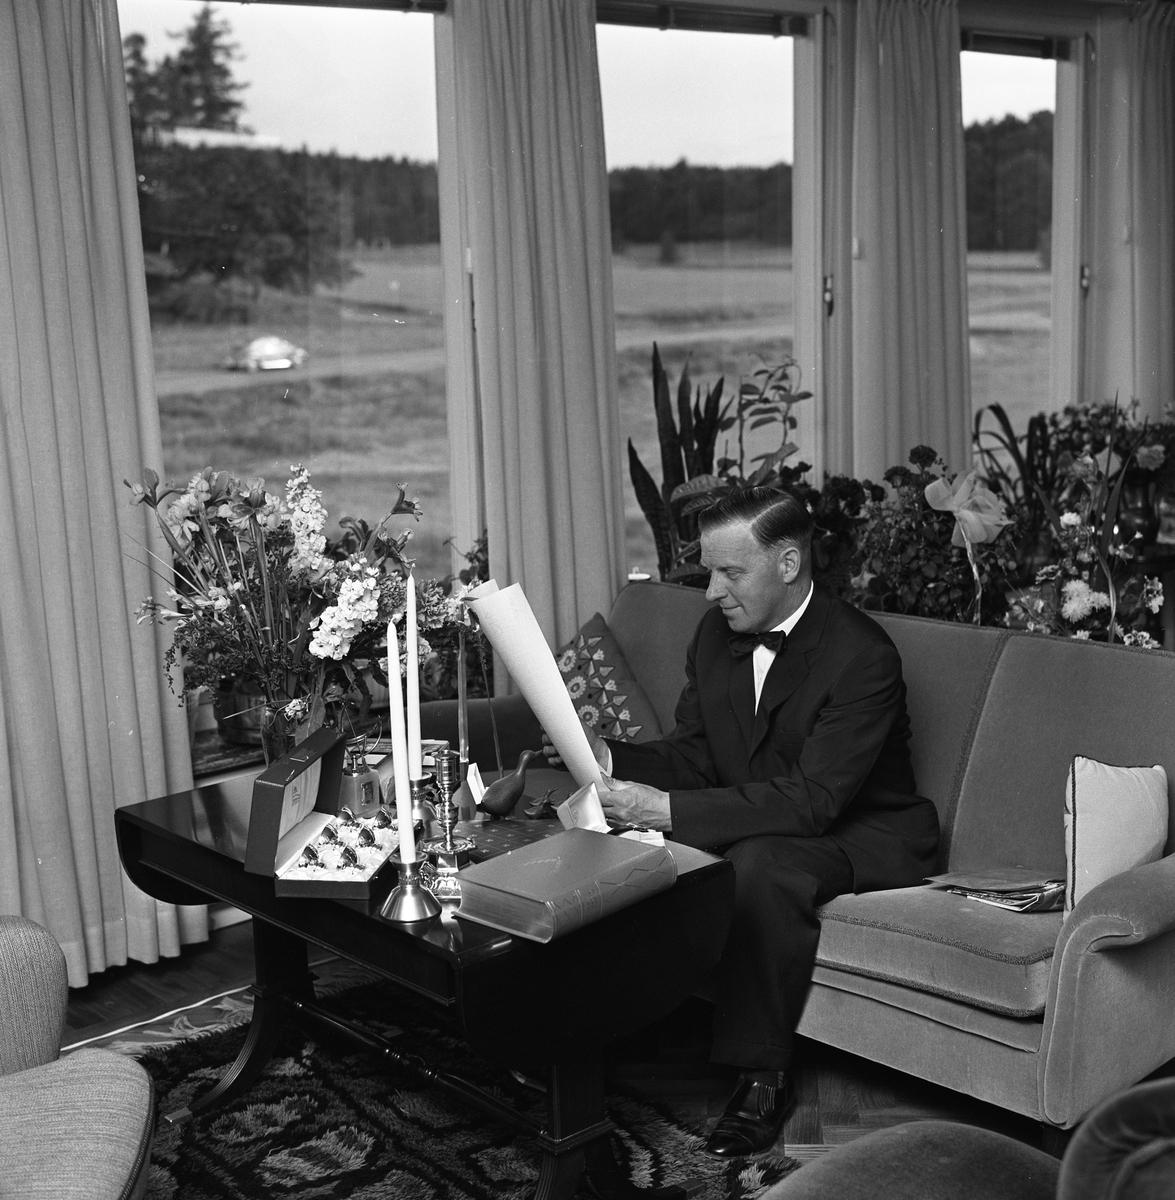 Erik Holm (kallad Glass-Holm), sitter i sitt vardagsrum och tittar på sina 50-årspresenter. Han har bland annat fått ljusstakar och många blommor. Möblemanget består av soffa, två fåtöljer, ett bord och en ryamatta. Stora fönster vetter mot landskapet utanför.